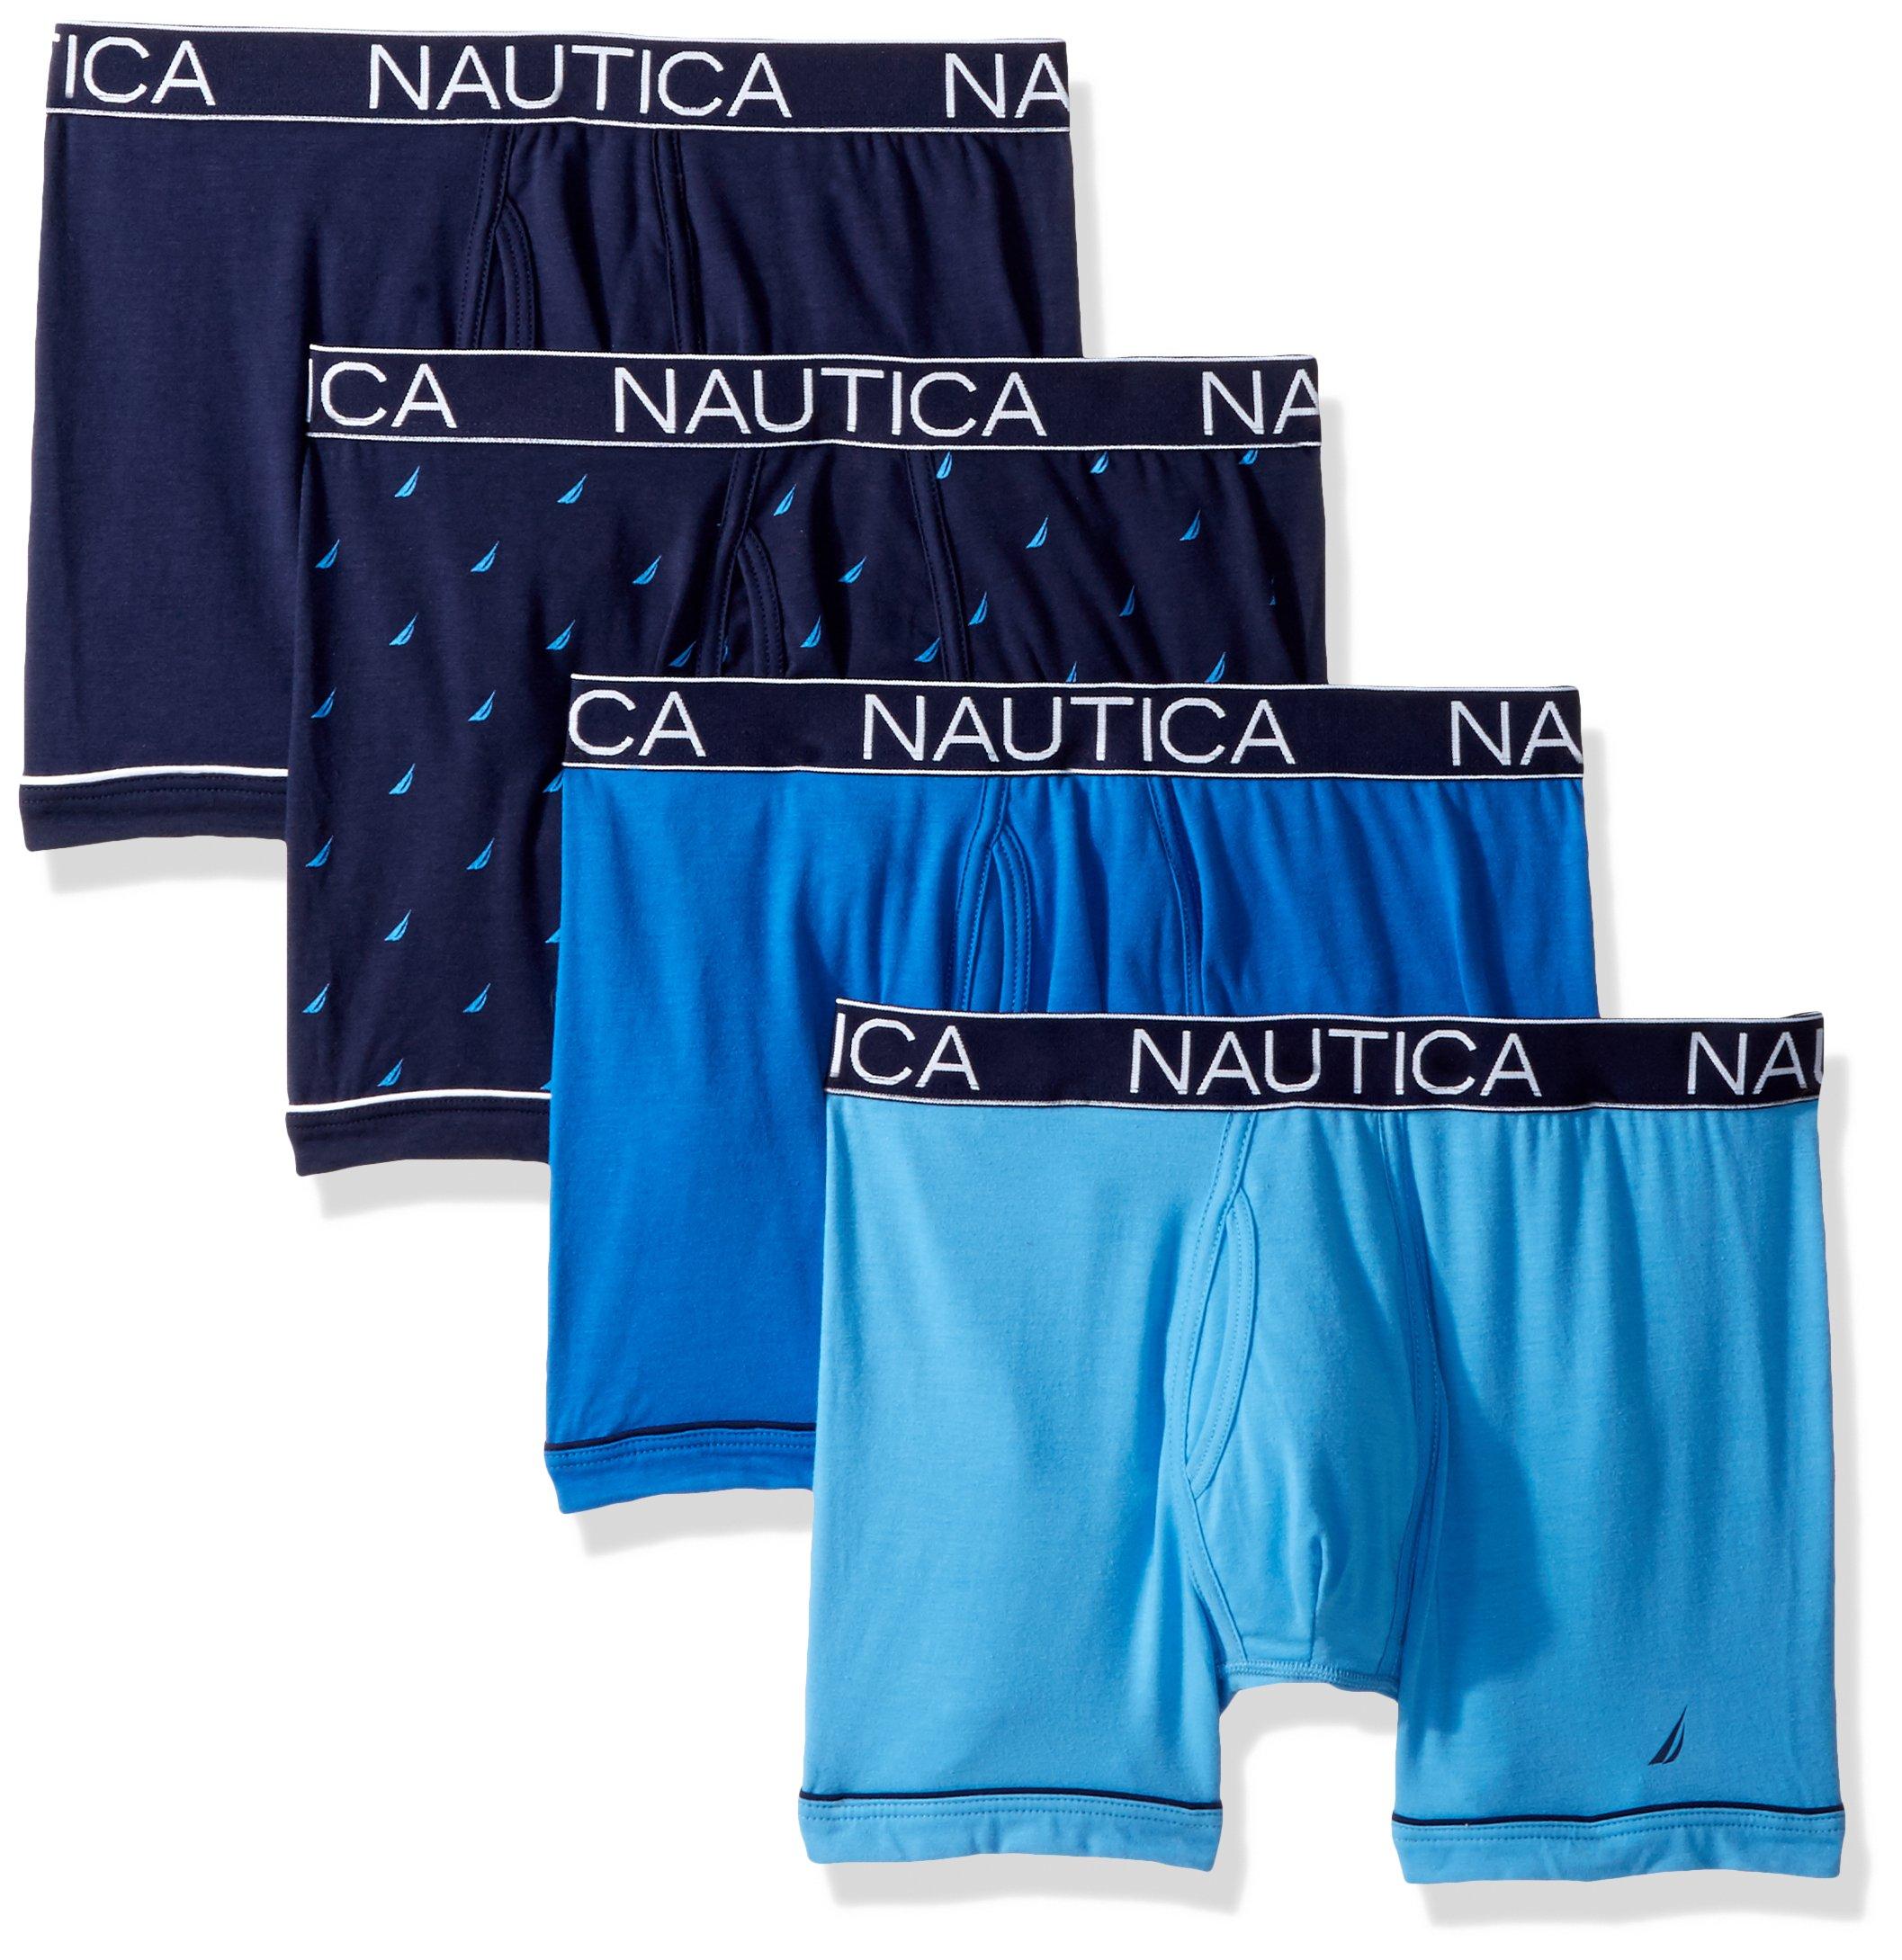 Nautica Men's Comfort Cotton Underwear Boxer Brief Multi Pack, 4 Pack Peacoat/Aero/Sea Cobalt/Sail Print, L